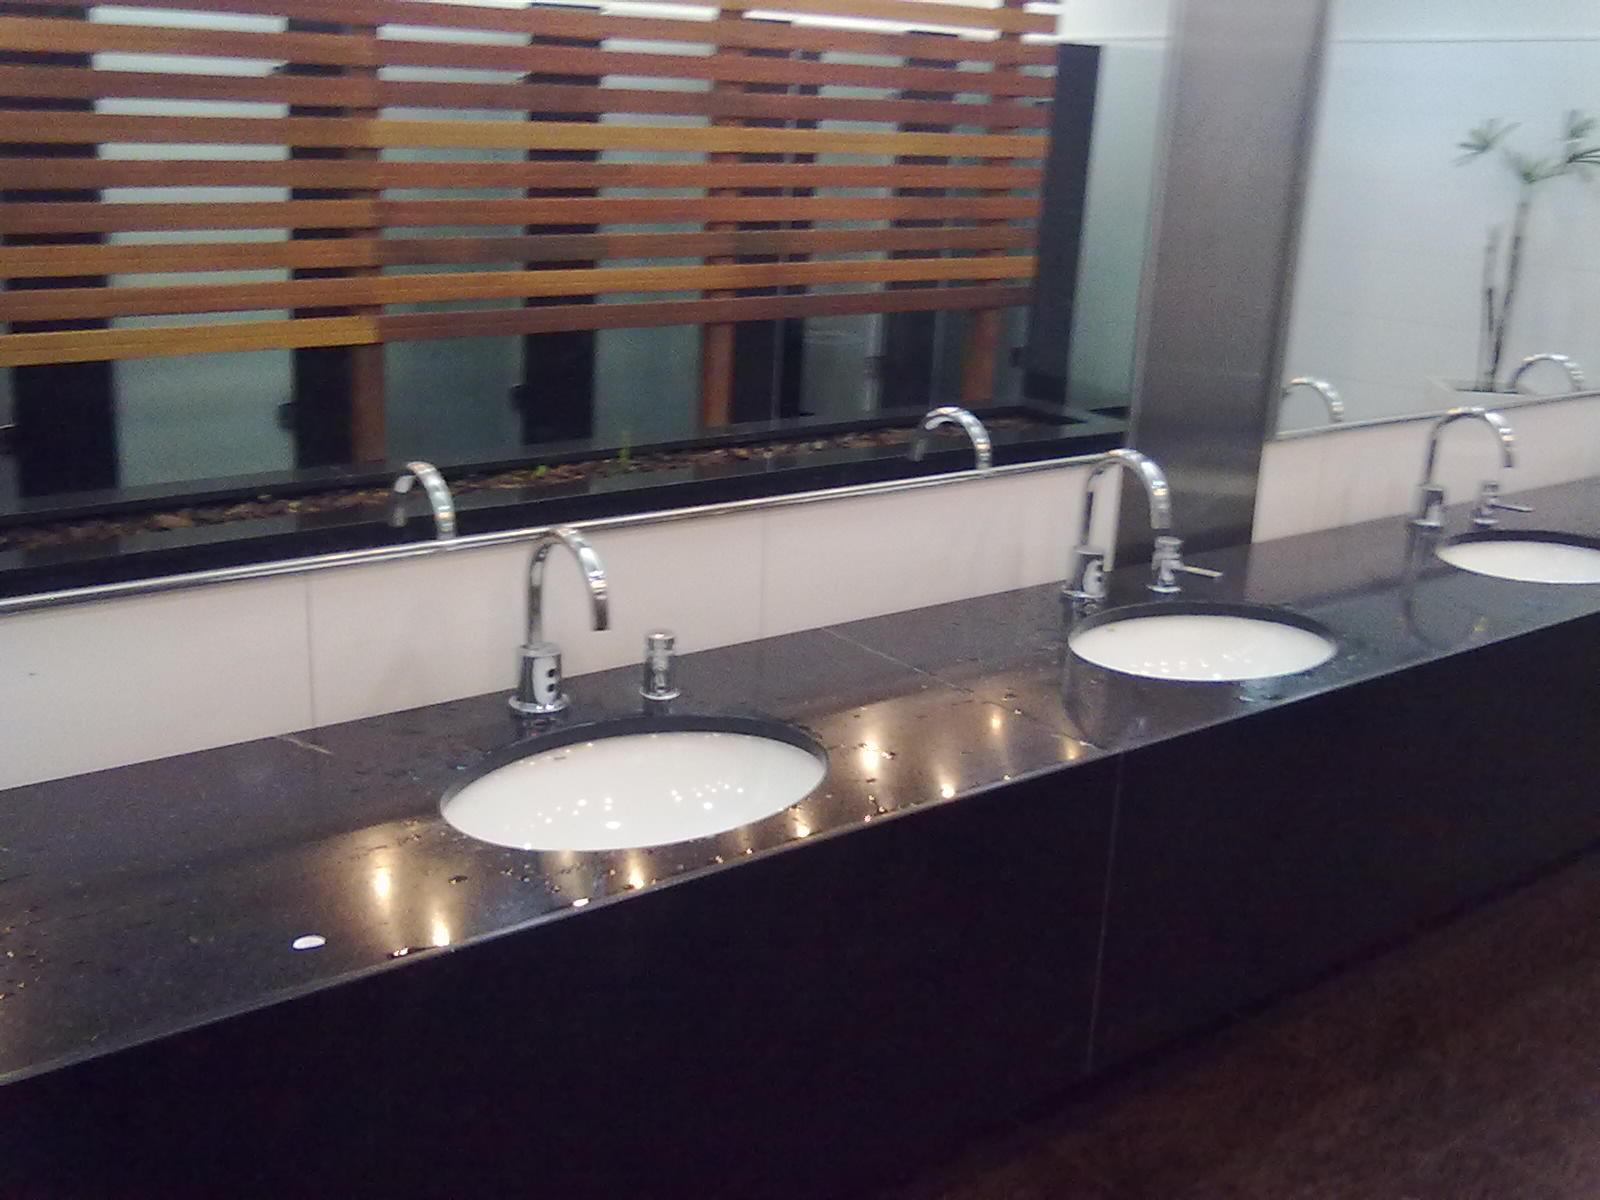 As torneiras dos lavatórios são acionadas por sensor eletrônico  #856046 1600 1200